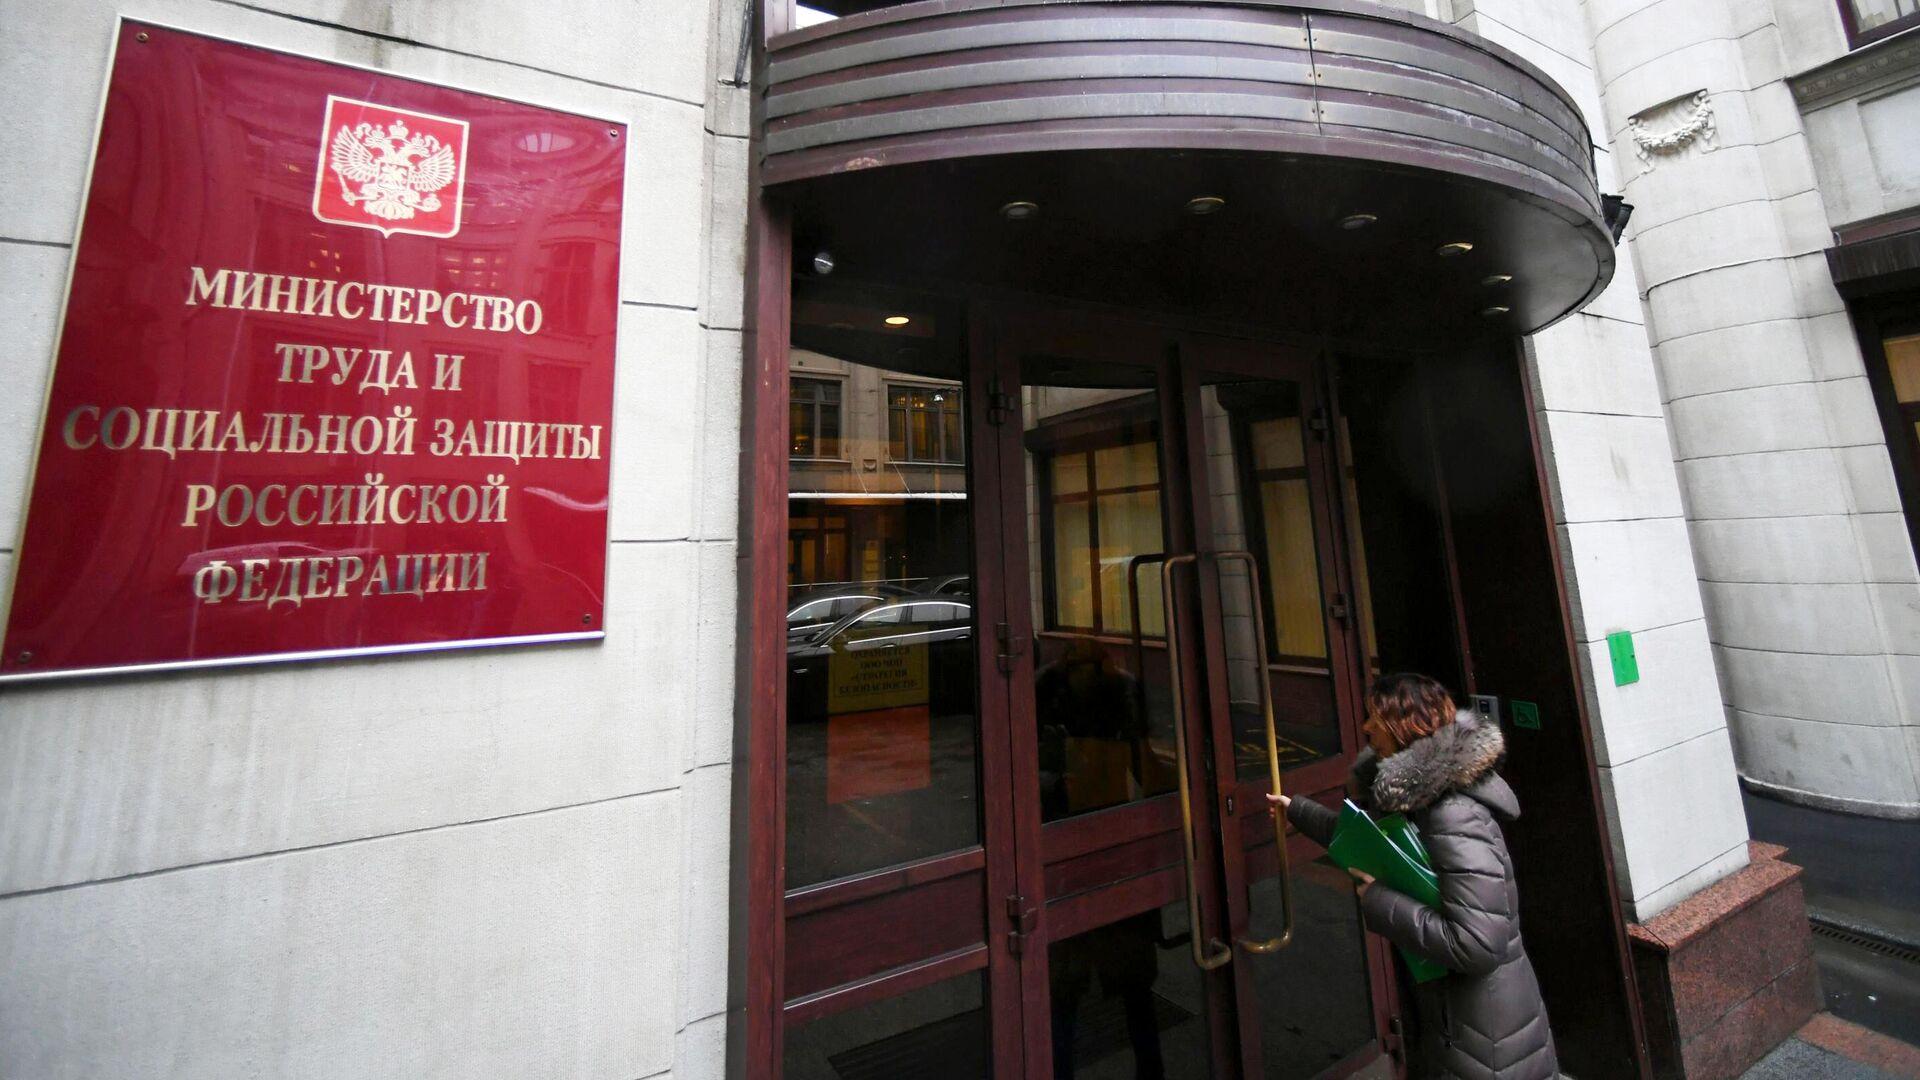 Женщина заходит в здание Министерства труда и социальной защиты Российской Федерации в Москве - РИА Новости, 1920, 21.01.2021